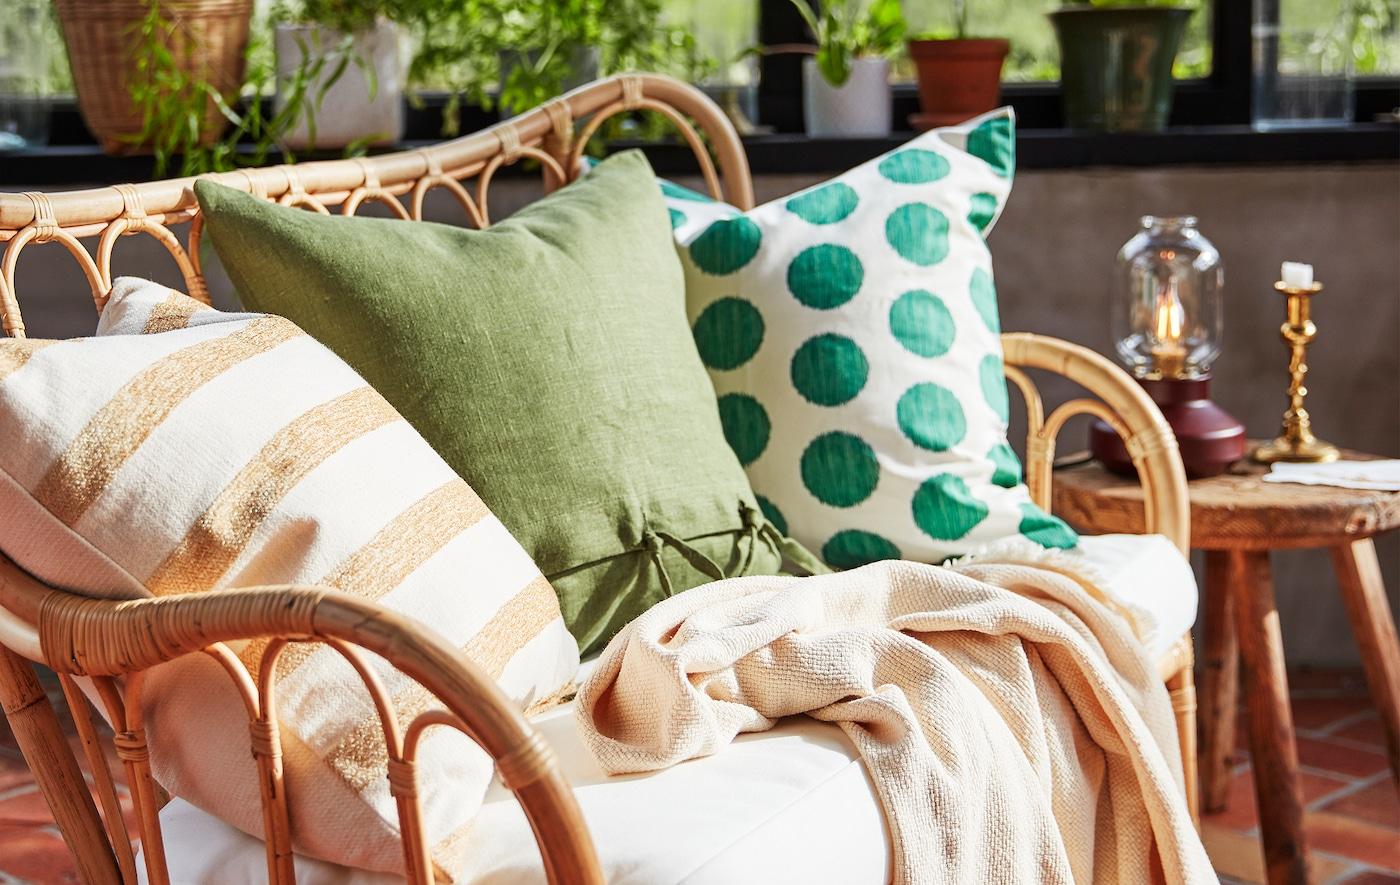 Három különböző mintájú és színű párna, egy természetes rattan kanapén.